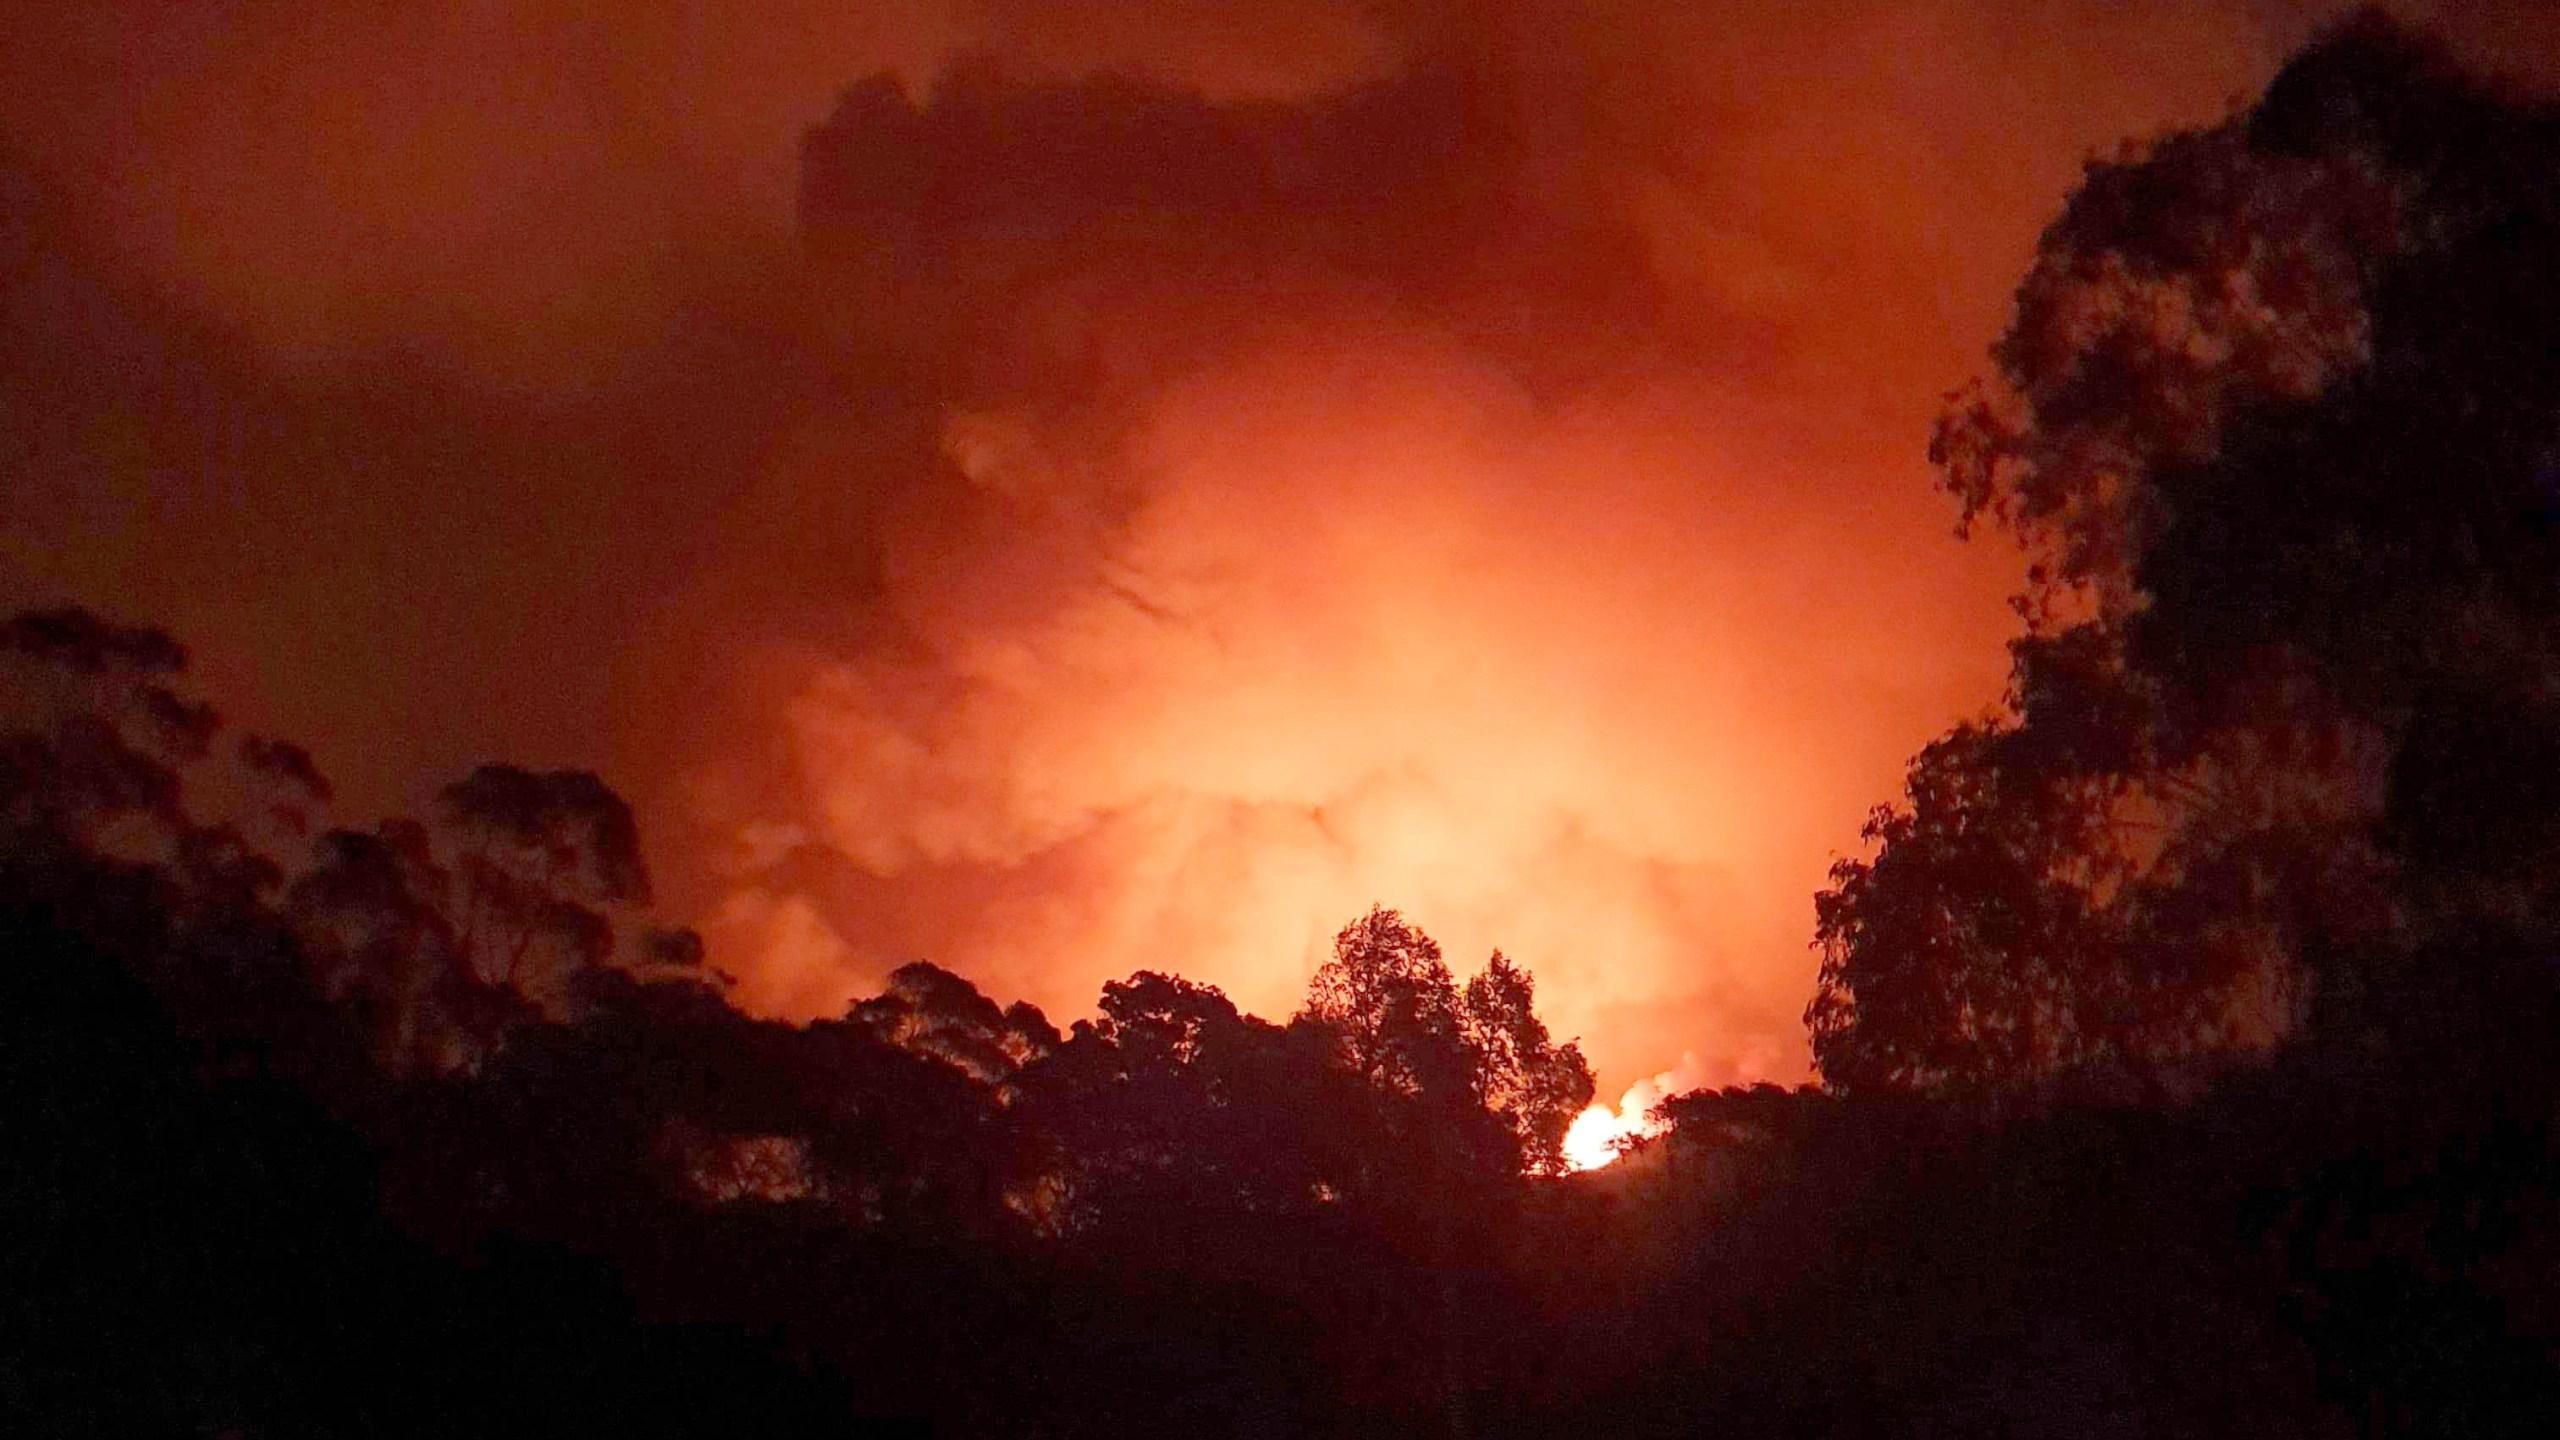 Smoke Haze Again Forces Delay In Australian Open Qualifying